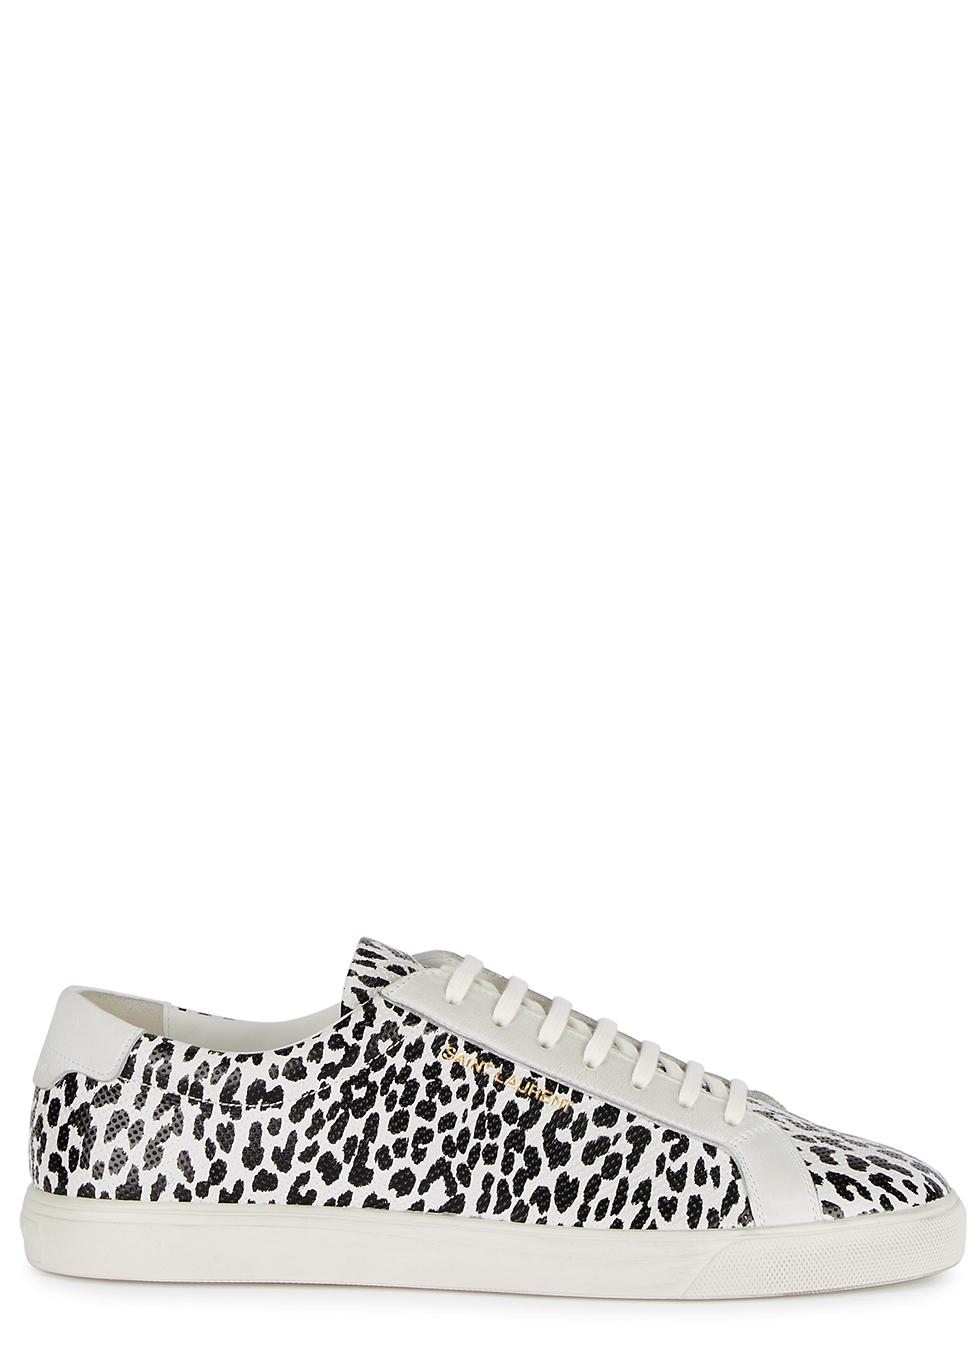 Shoes For Men - Harvey Nichols